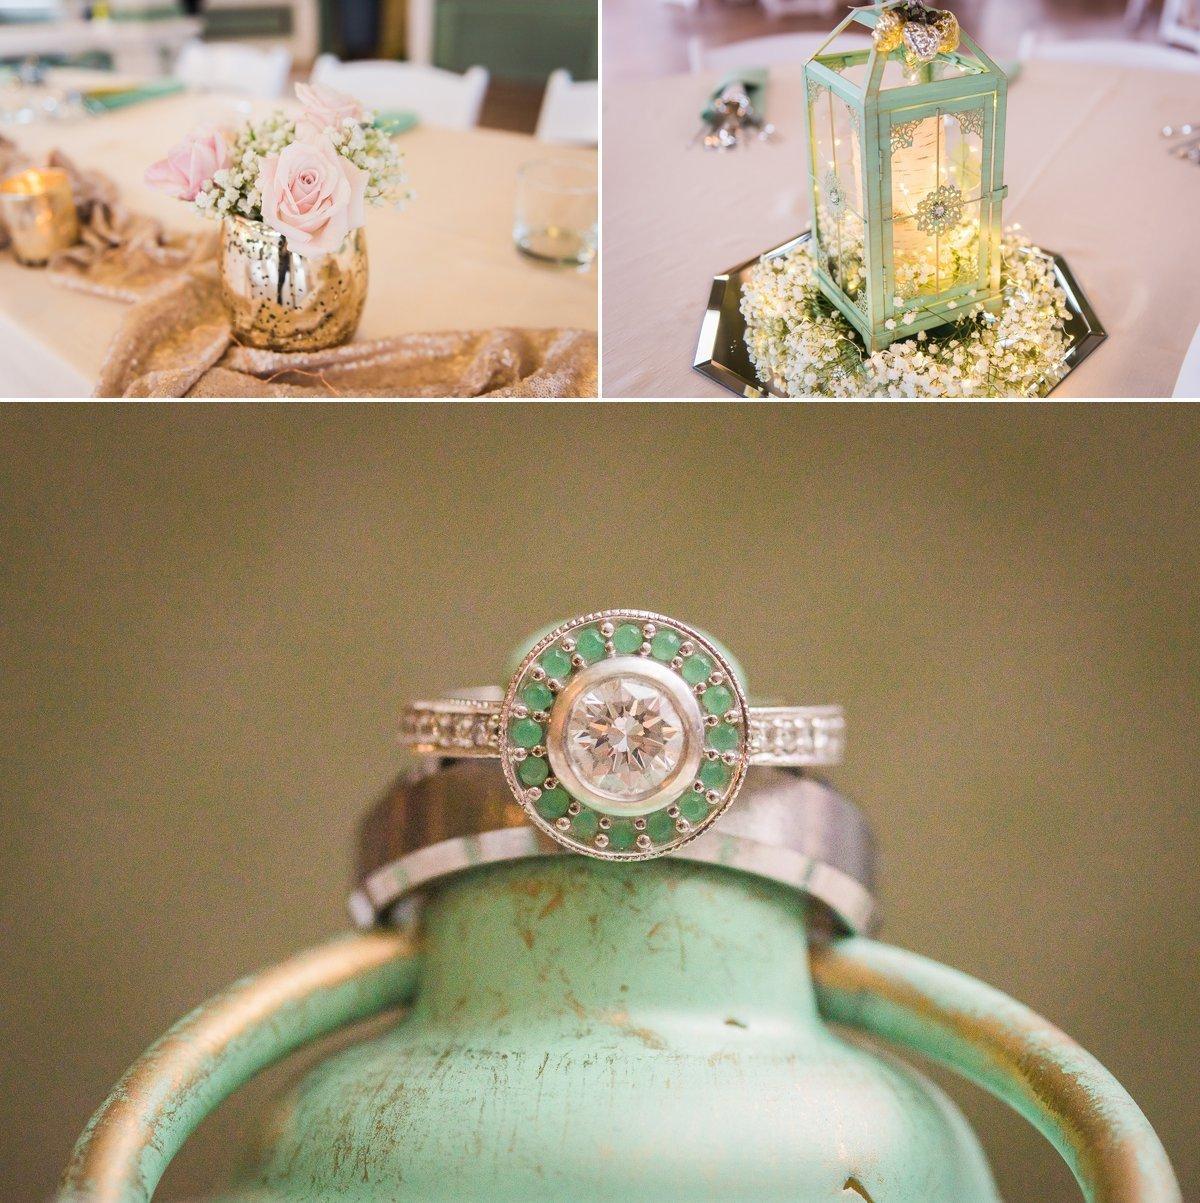 Laine-Spencer-Garten-Verein-Wedding 43